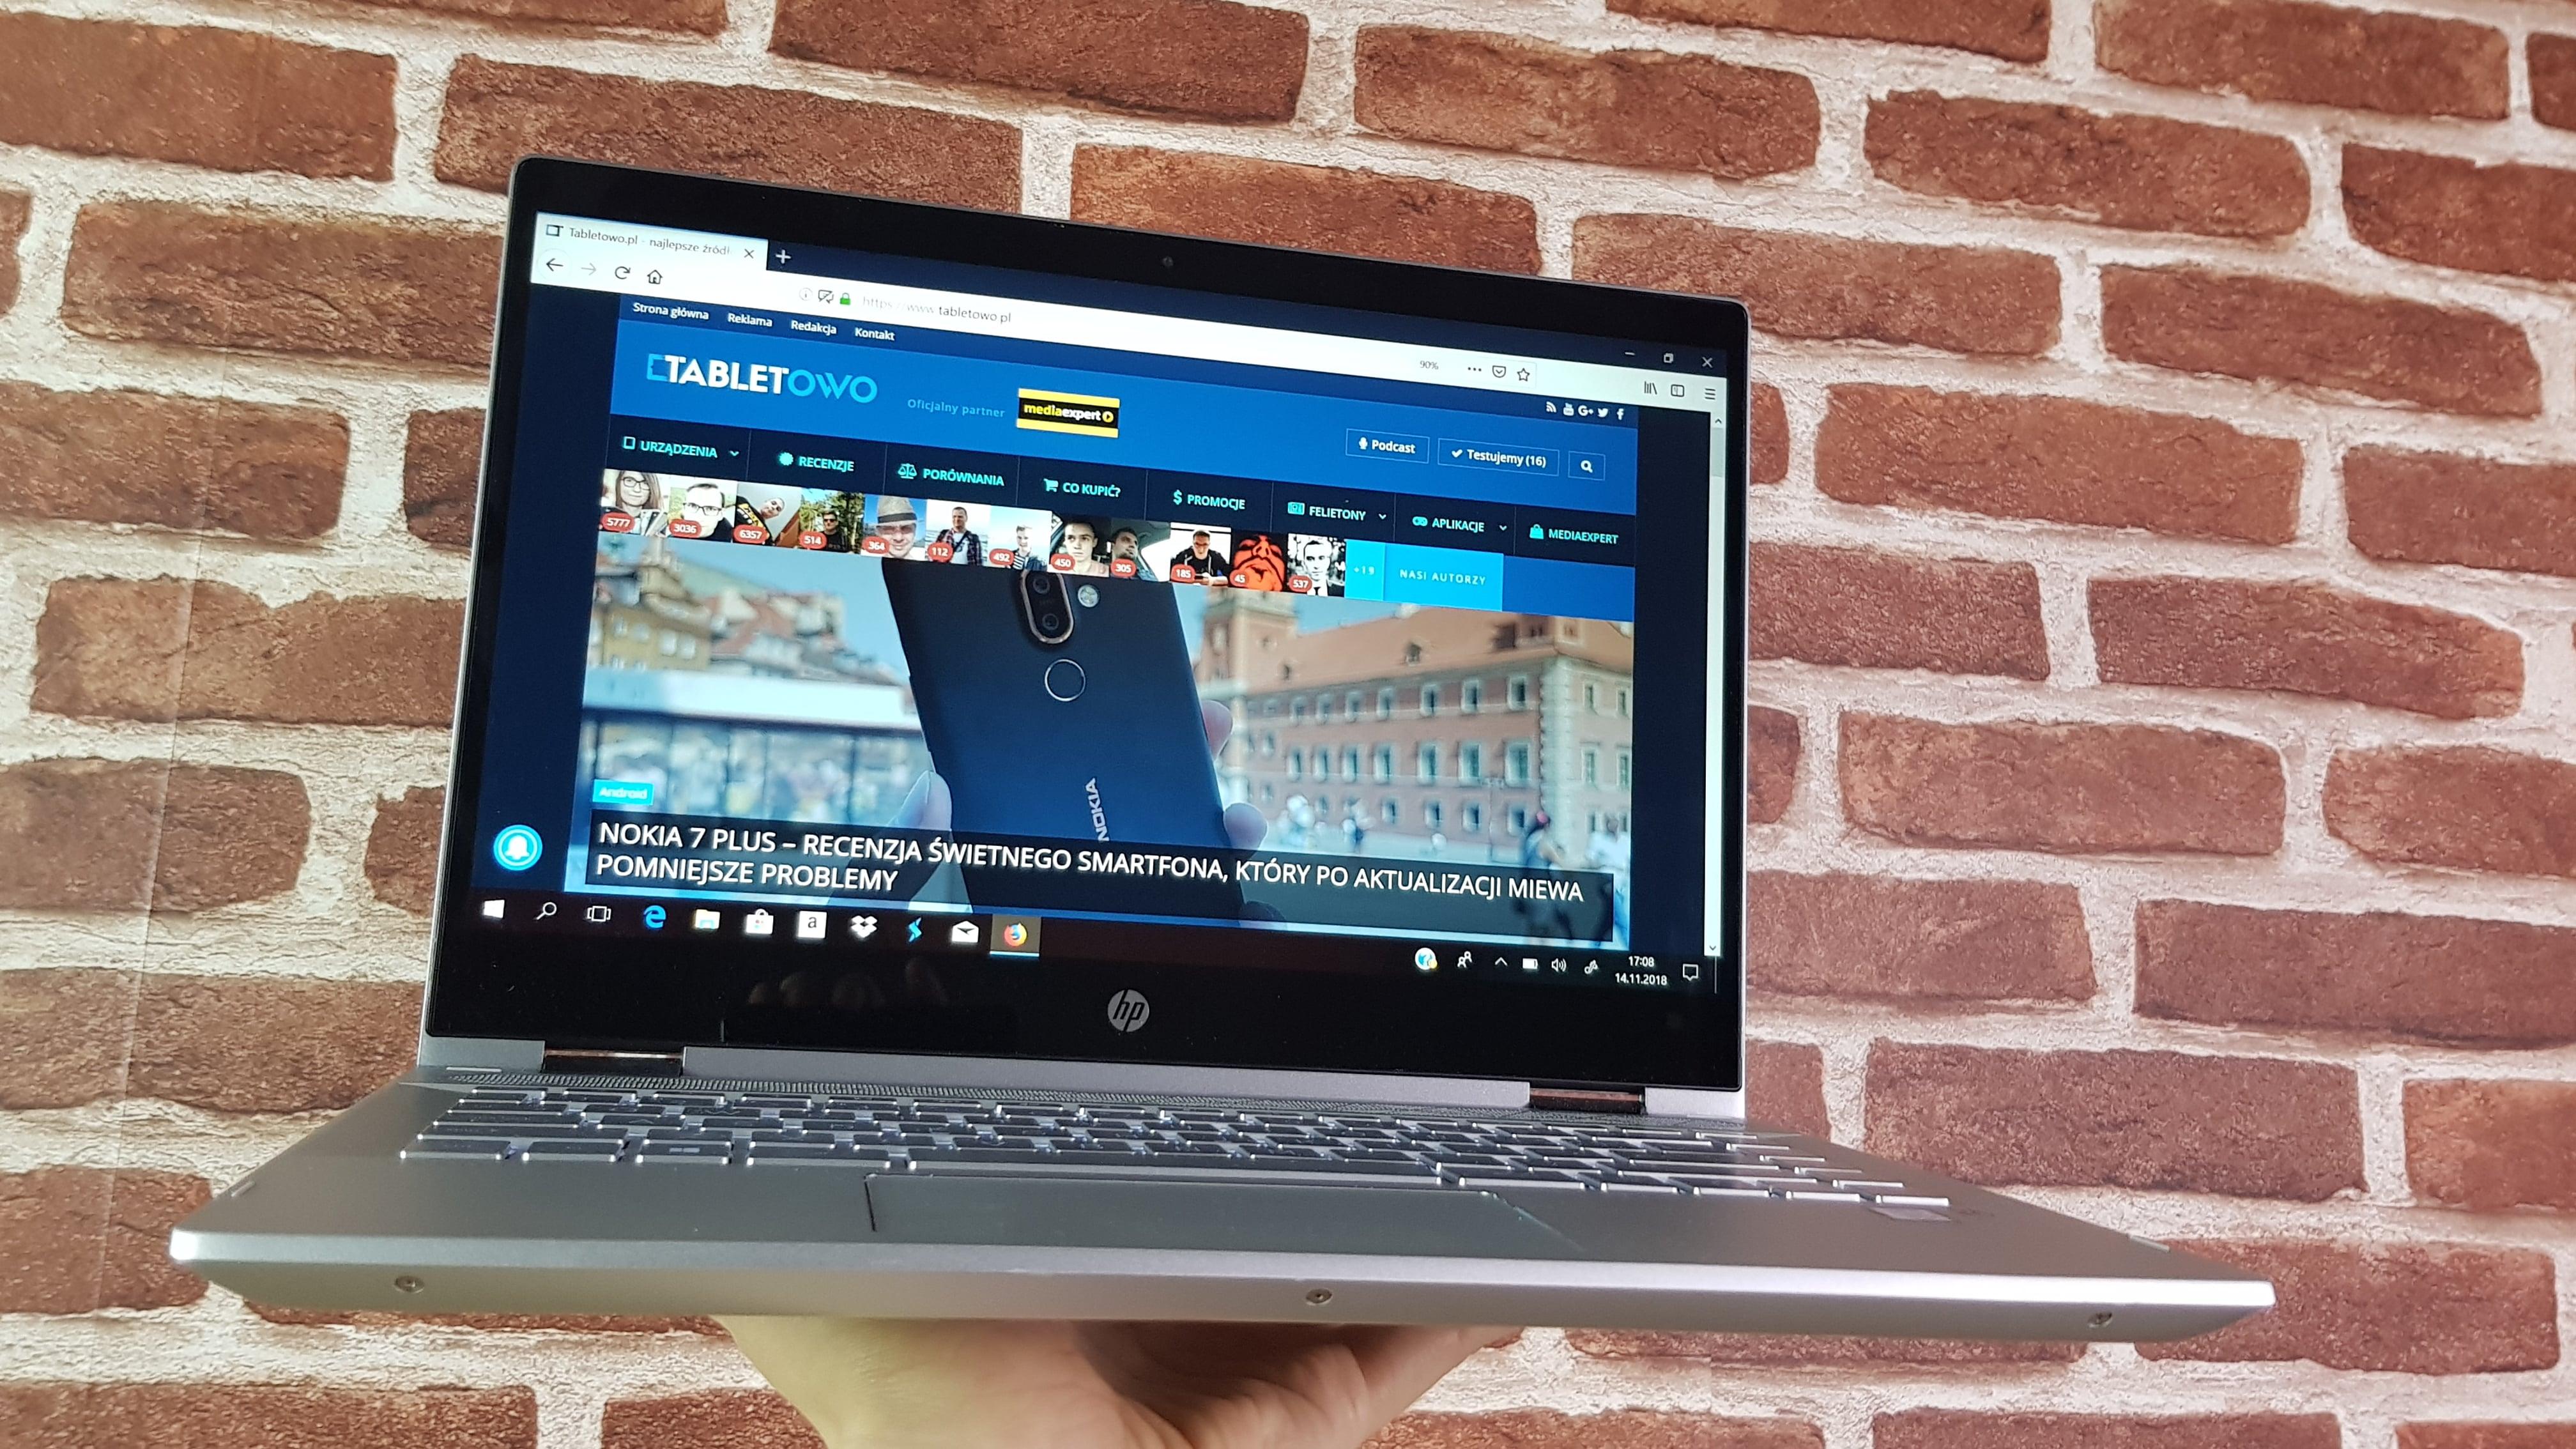 HP Pavilion x360 - świetny ekran i klawiatura to dopiero początek zalet (recenzja) 28